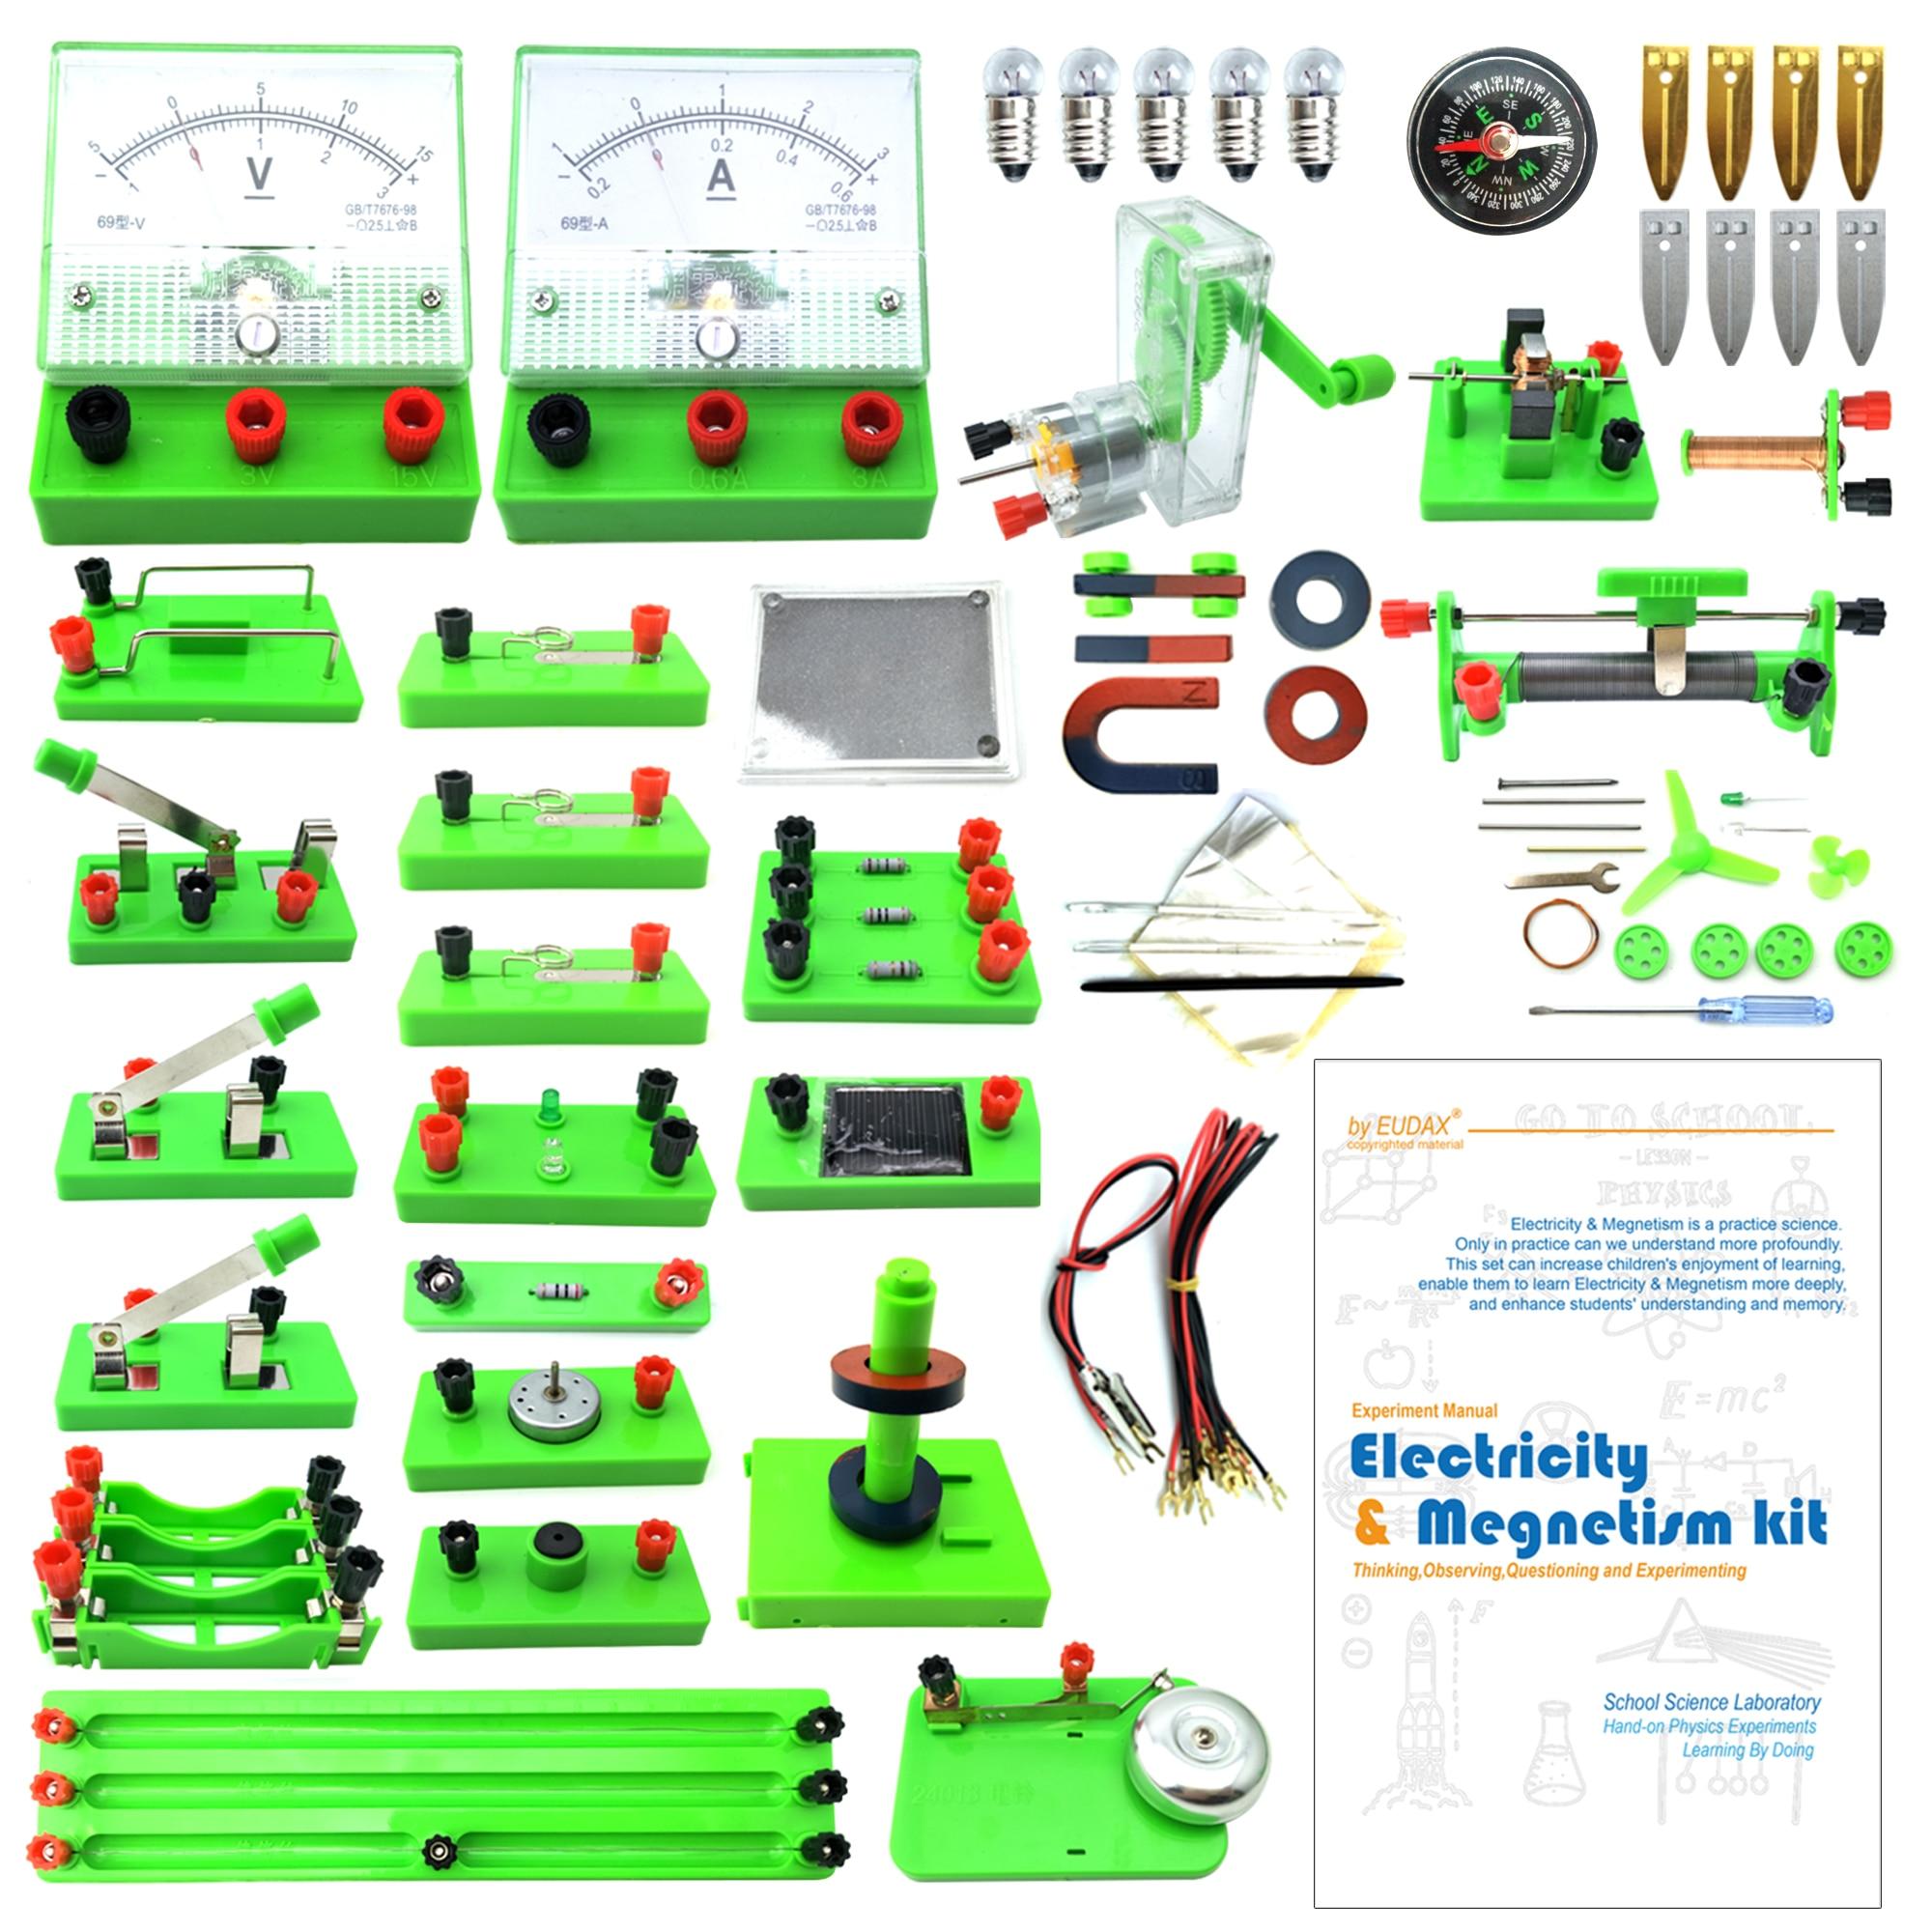 Laboratoires de physique de l'école EUDAX Circuit de découverte de l'électricité de base et kits d'expériences de magnétisme pour le premier cycle du secondaire